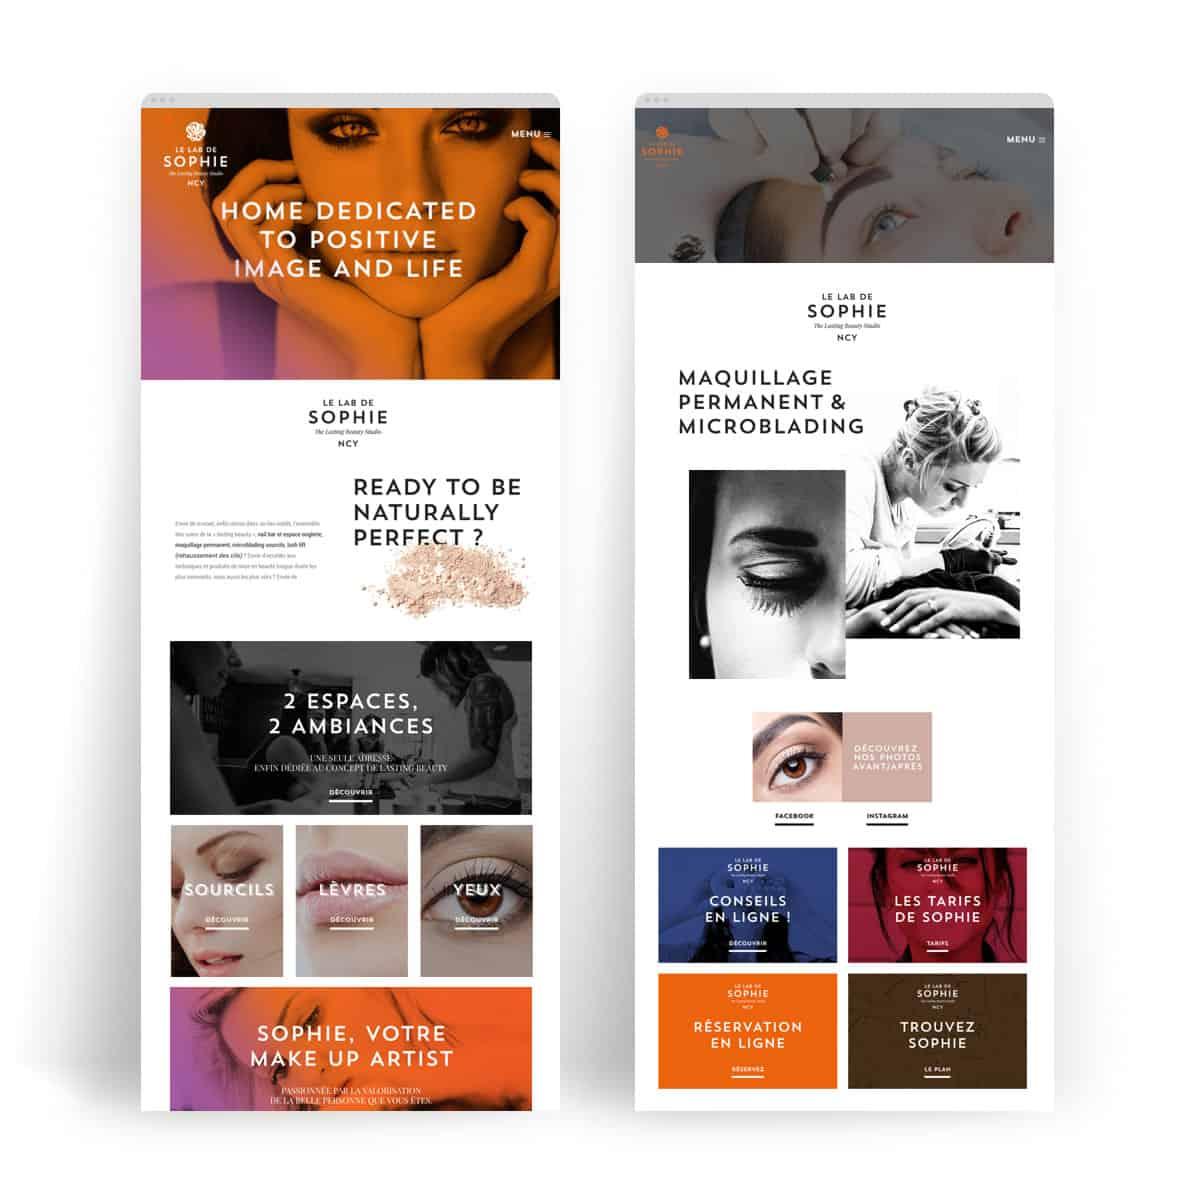 Création de site, webdesign, graphiste. BLUE1310 agence de communication web marketing digital à Annecy